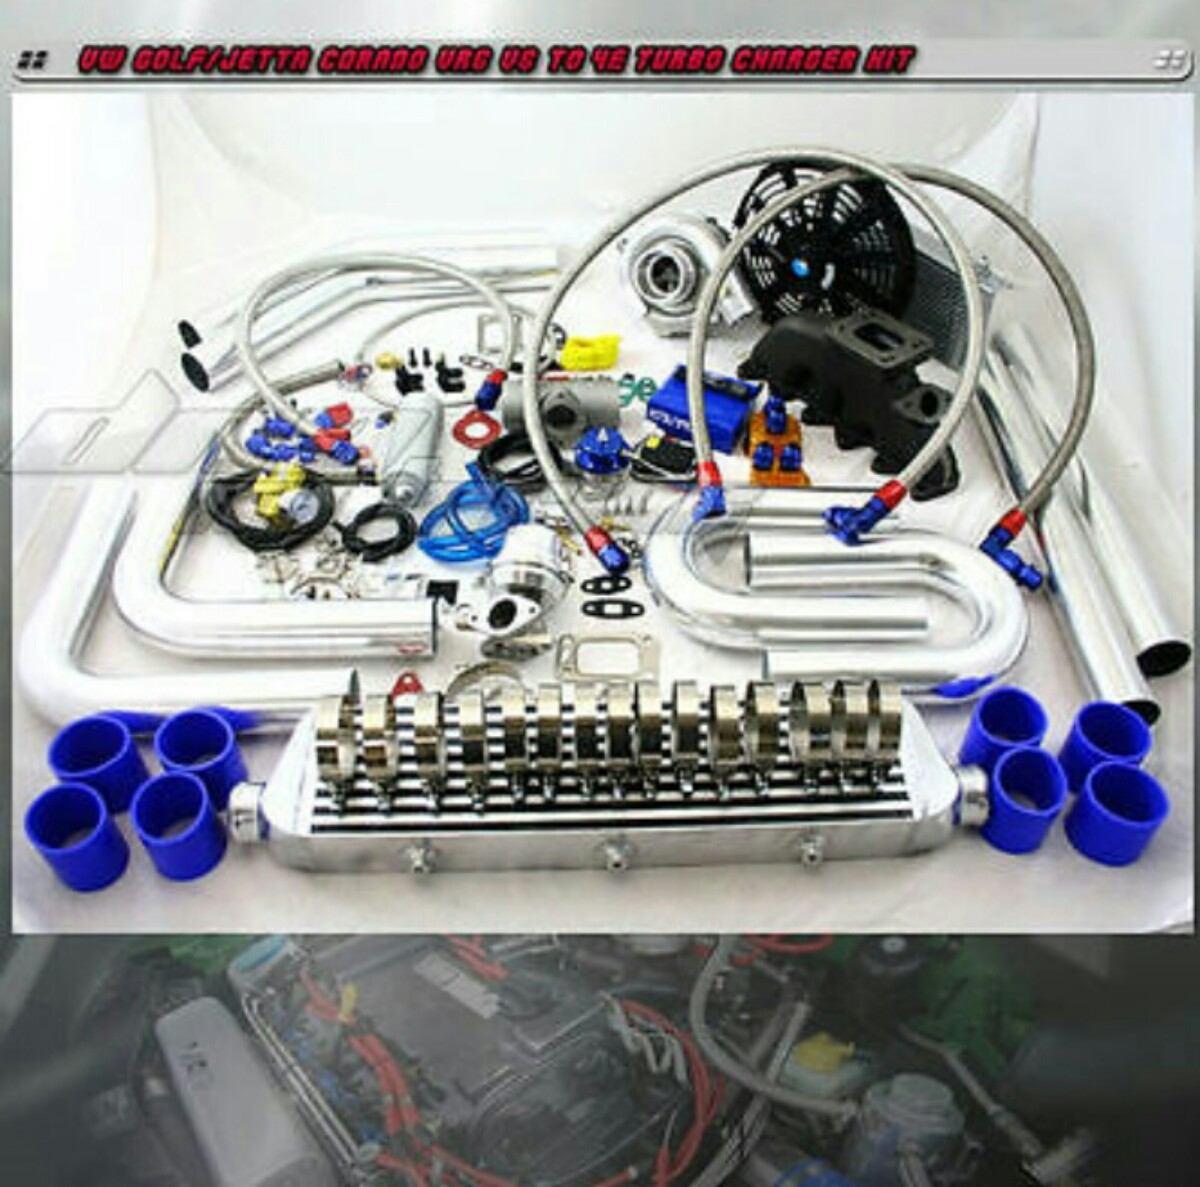 turbocargador kit completo  instalacion vr volkswagen  en mercado libre